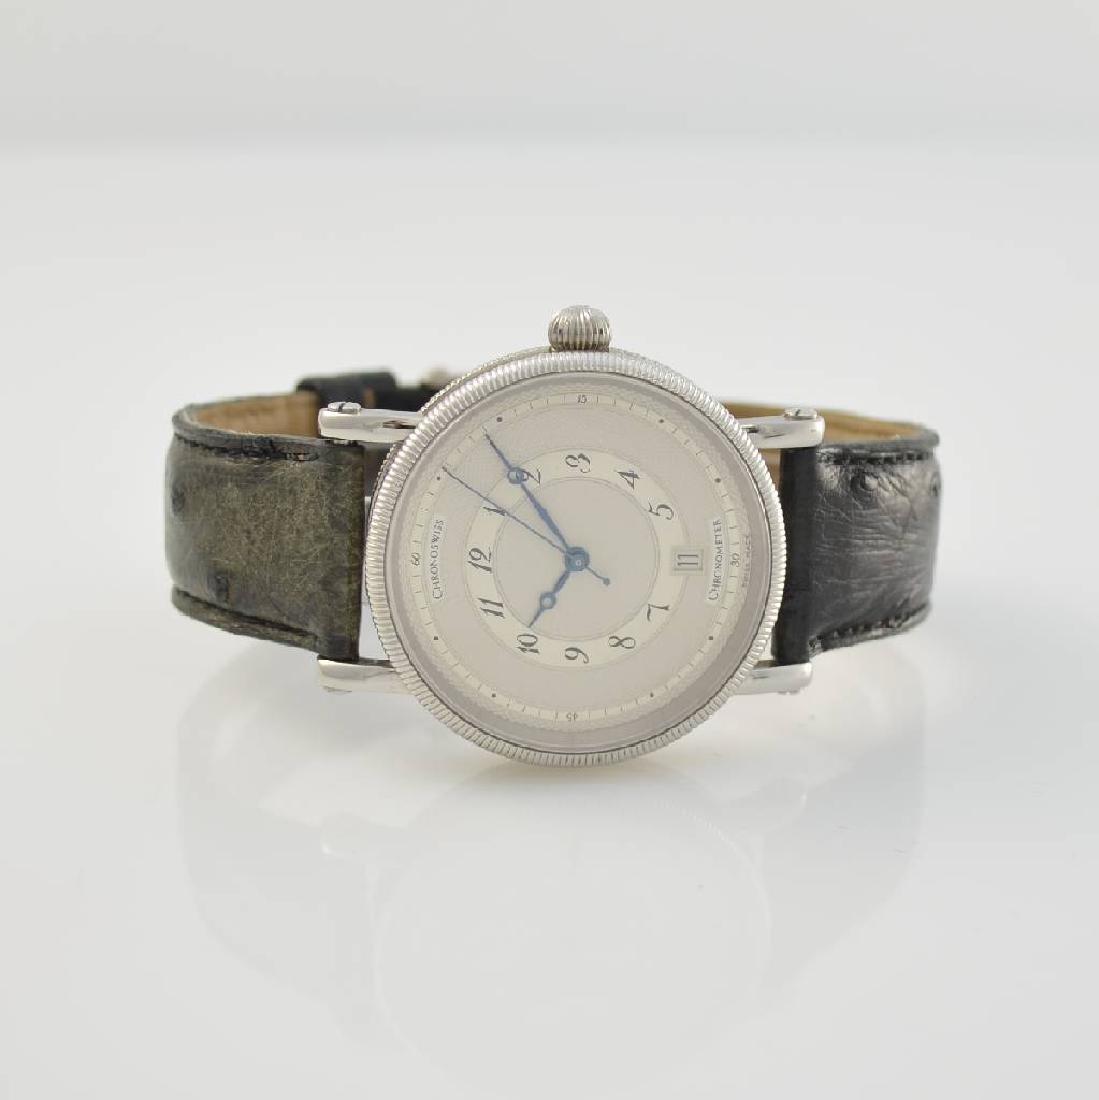 CHRONOSWISS chronometer gents wristwatch